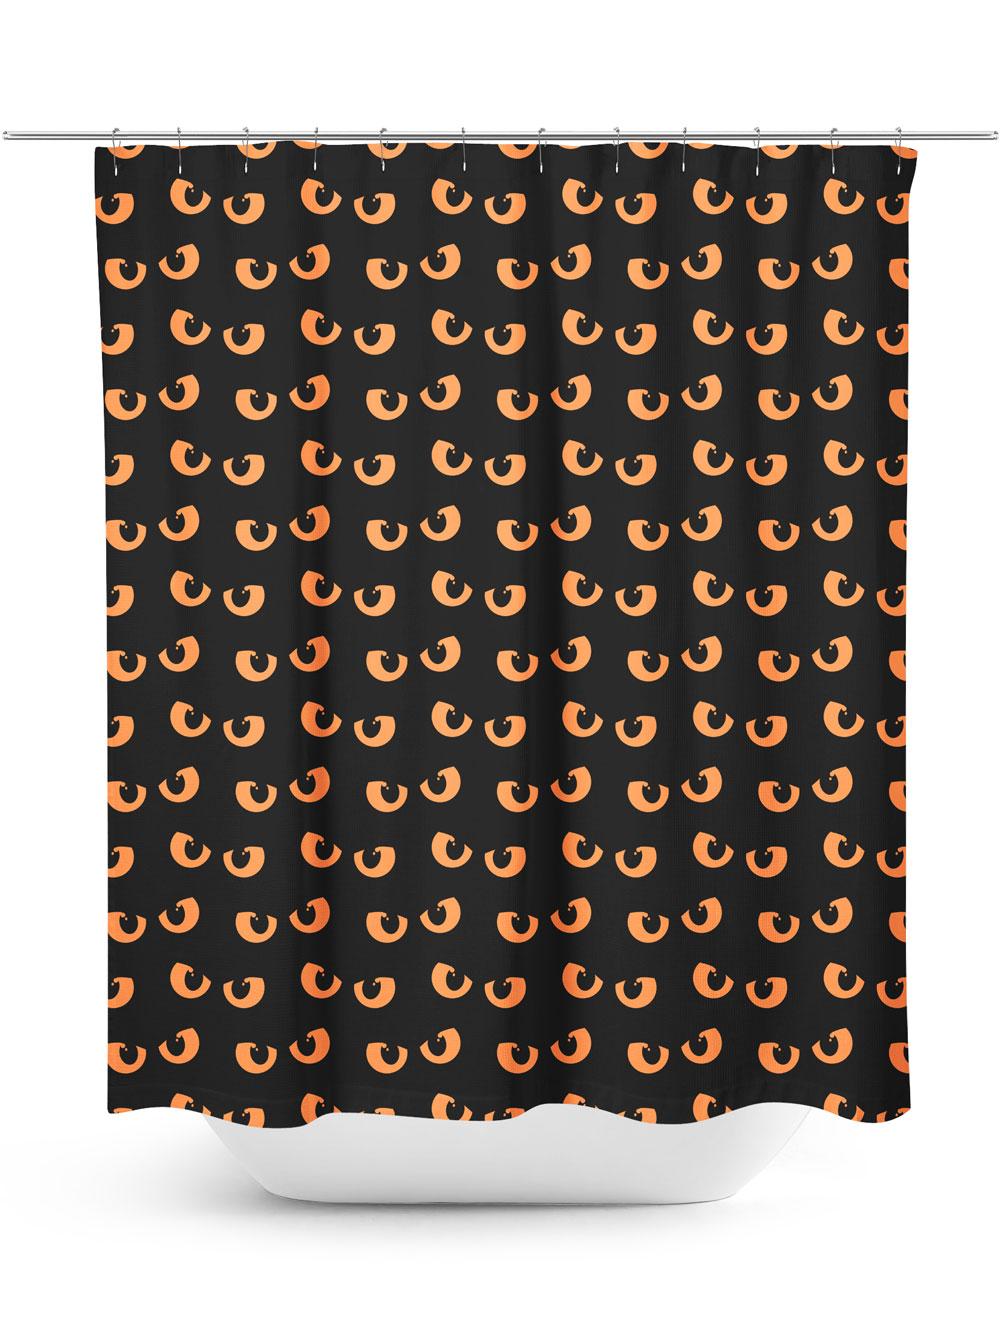 Spooky Eyes Pattern Halloween shower curtain